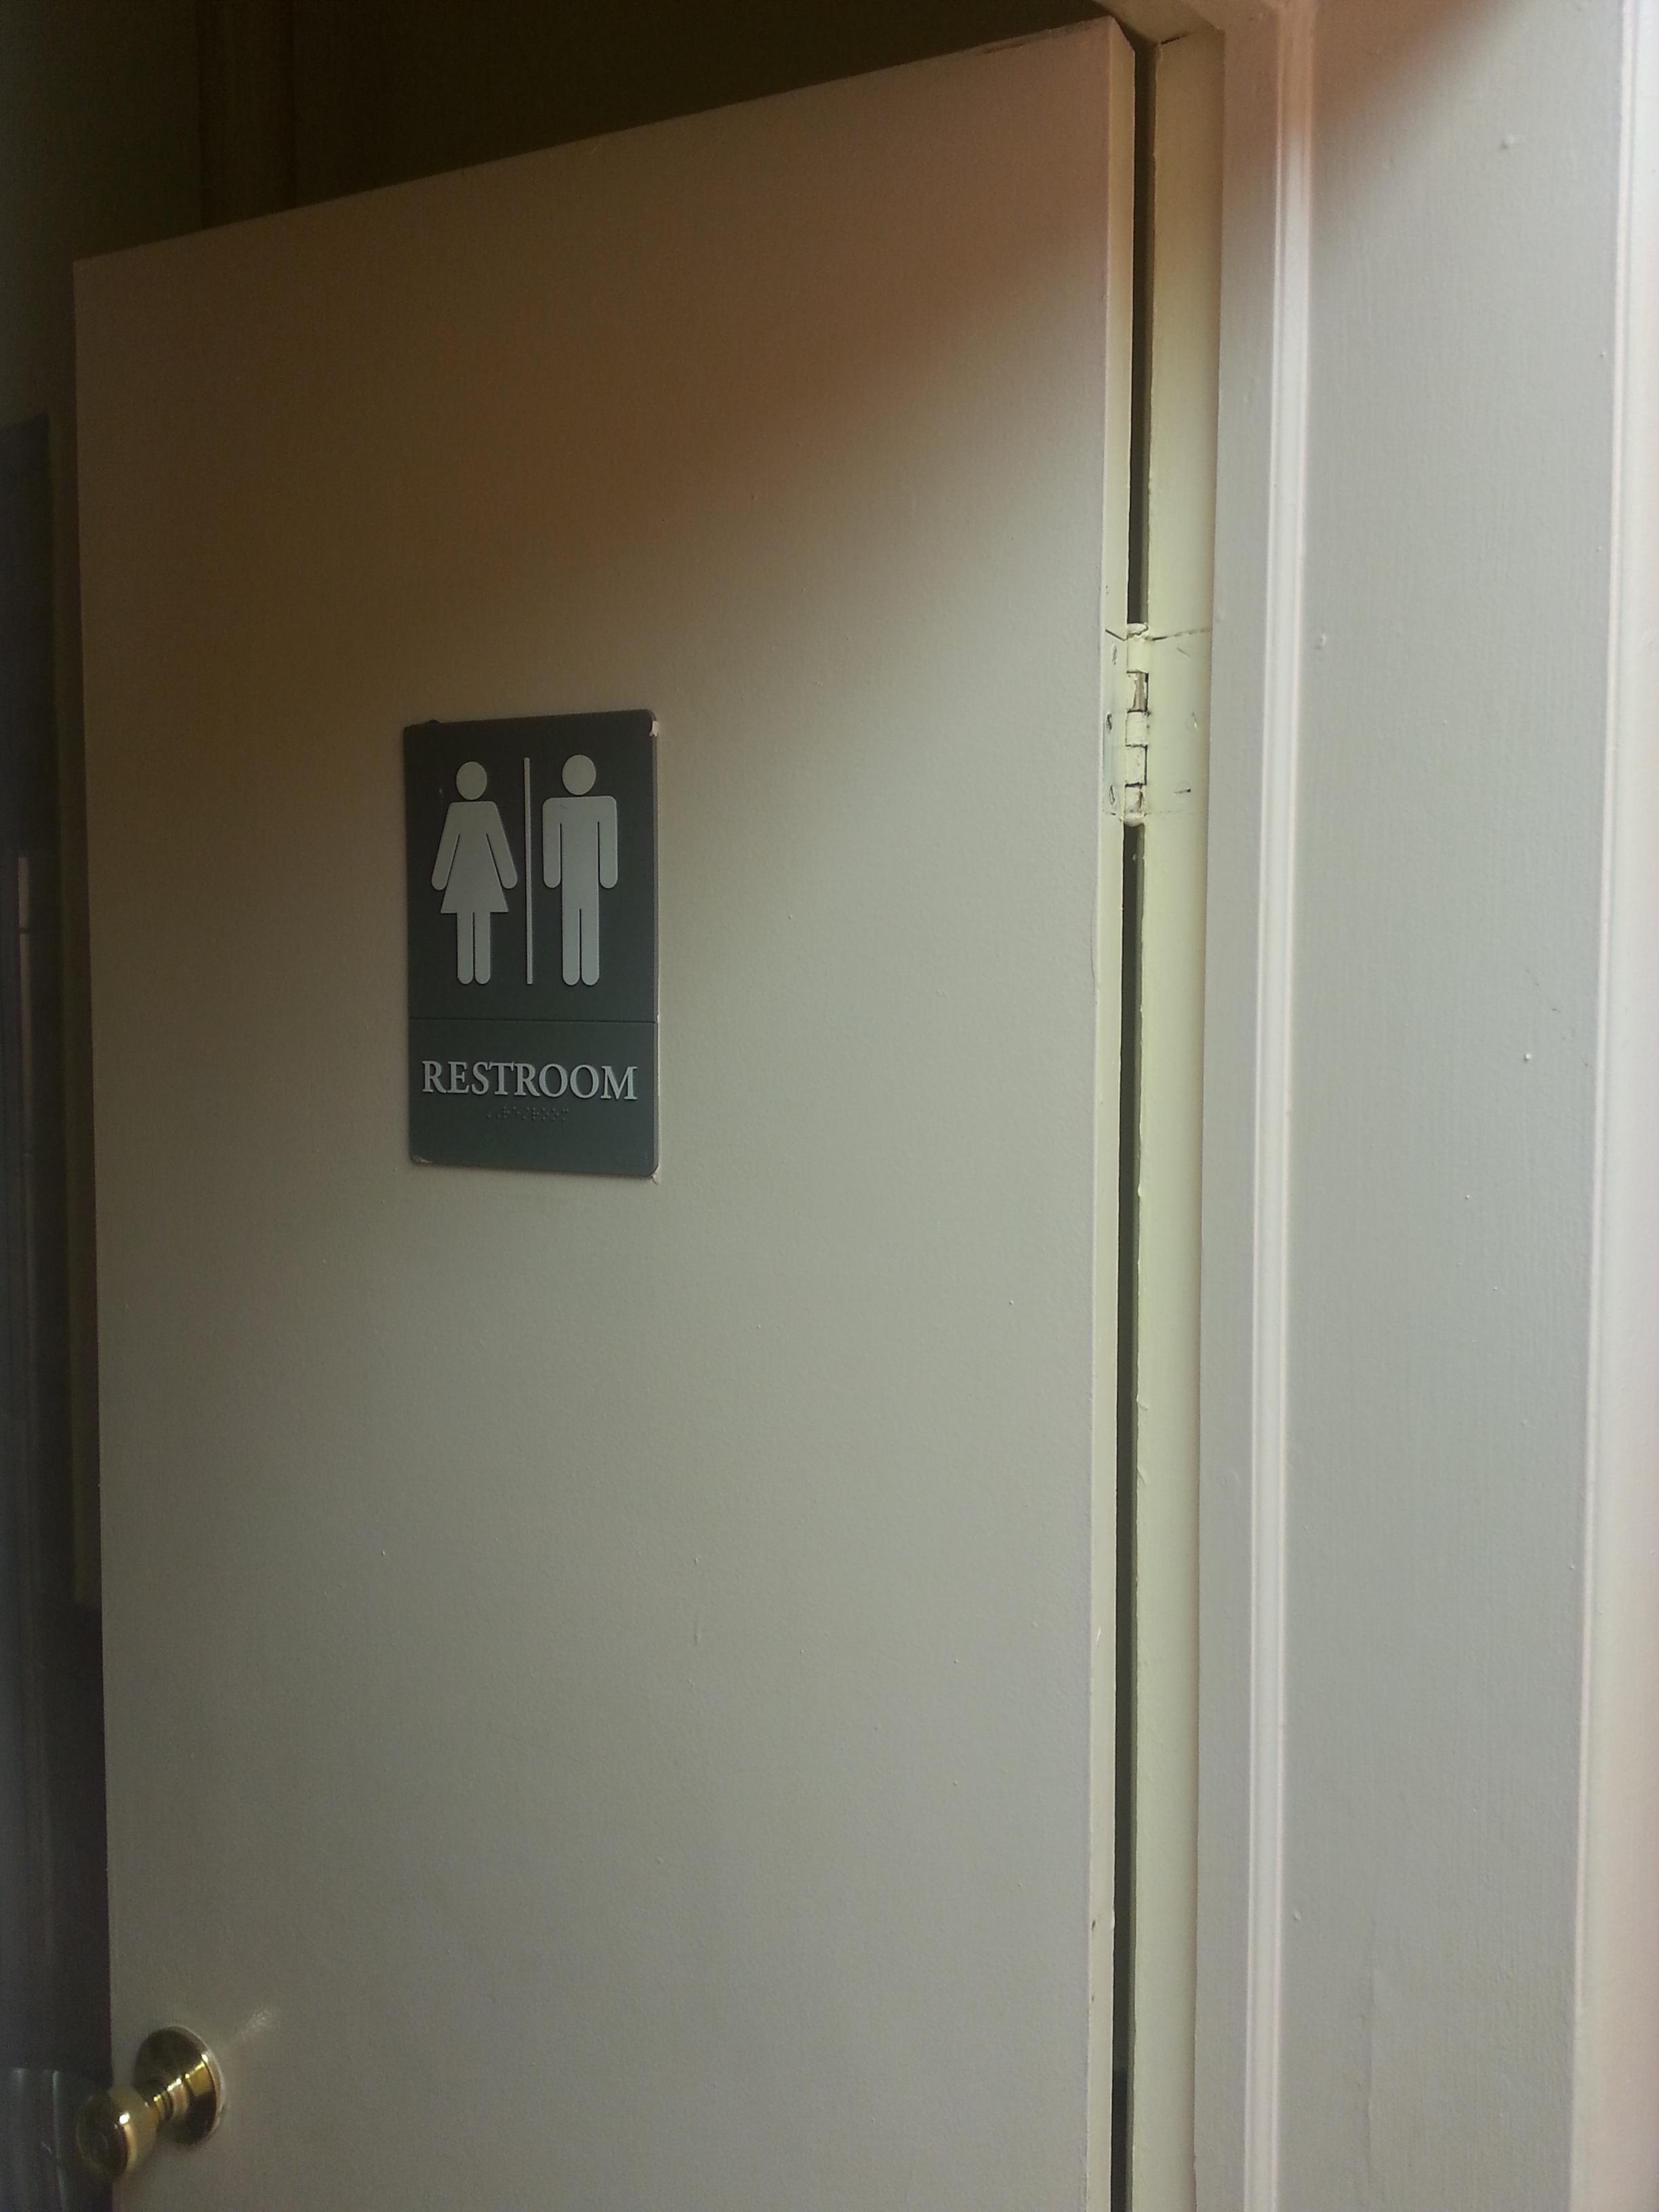 Gambar Dinding Bersih Toilet Pintu Desain Interior Kamar